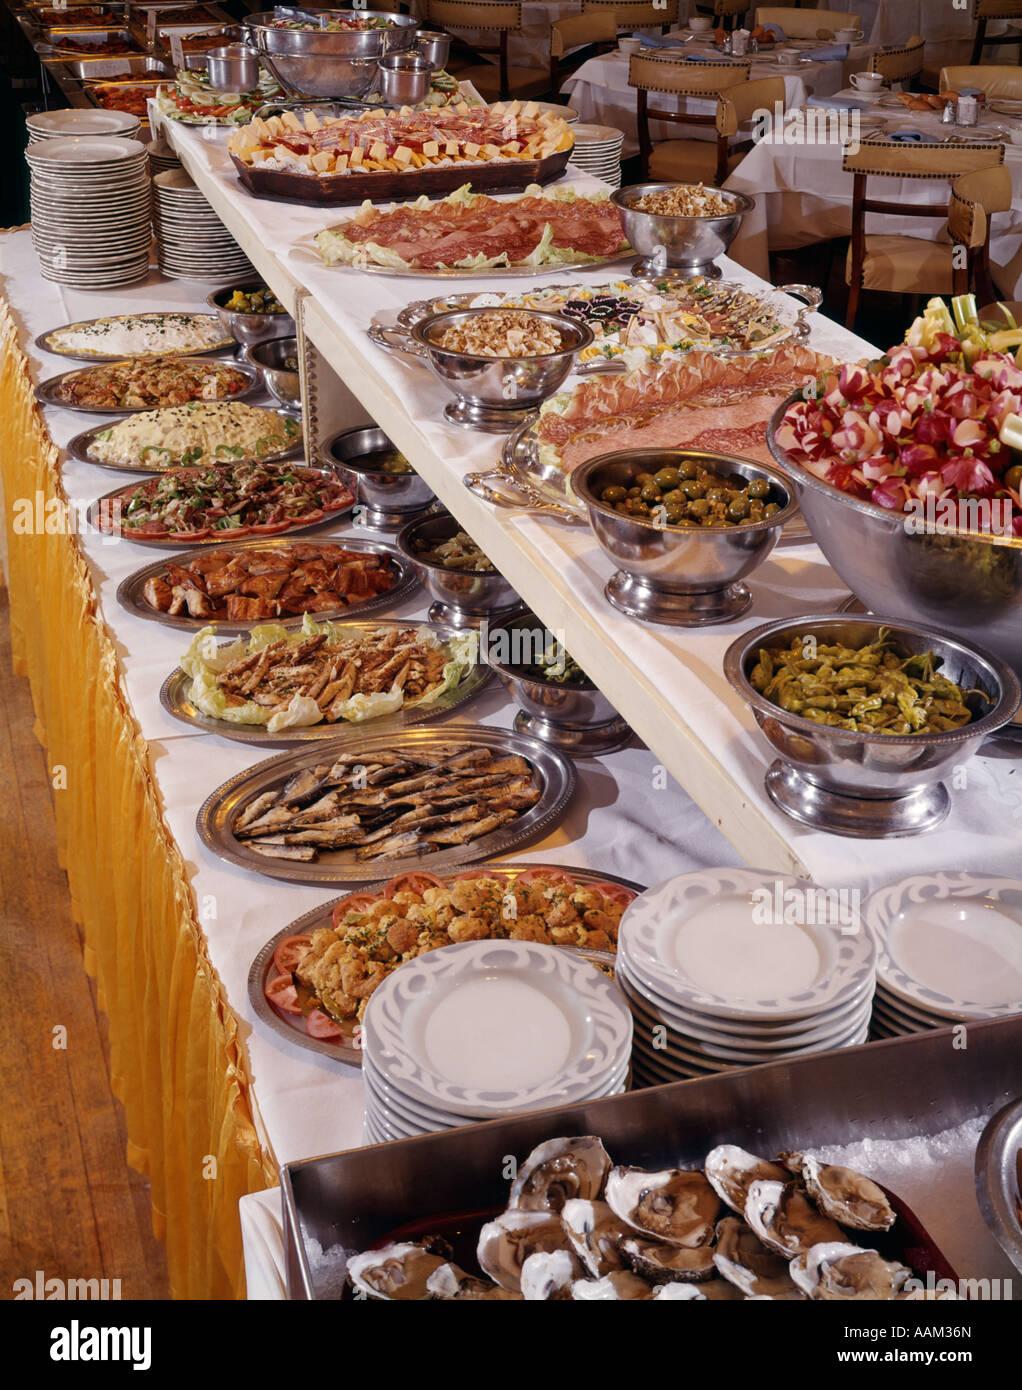 1960s BUFFET TABLE SALAD BAR SMORGASBORD VARIETY - Stock Image